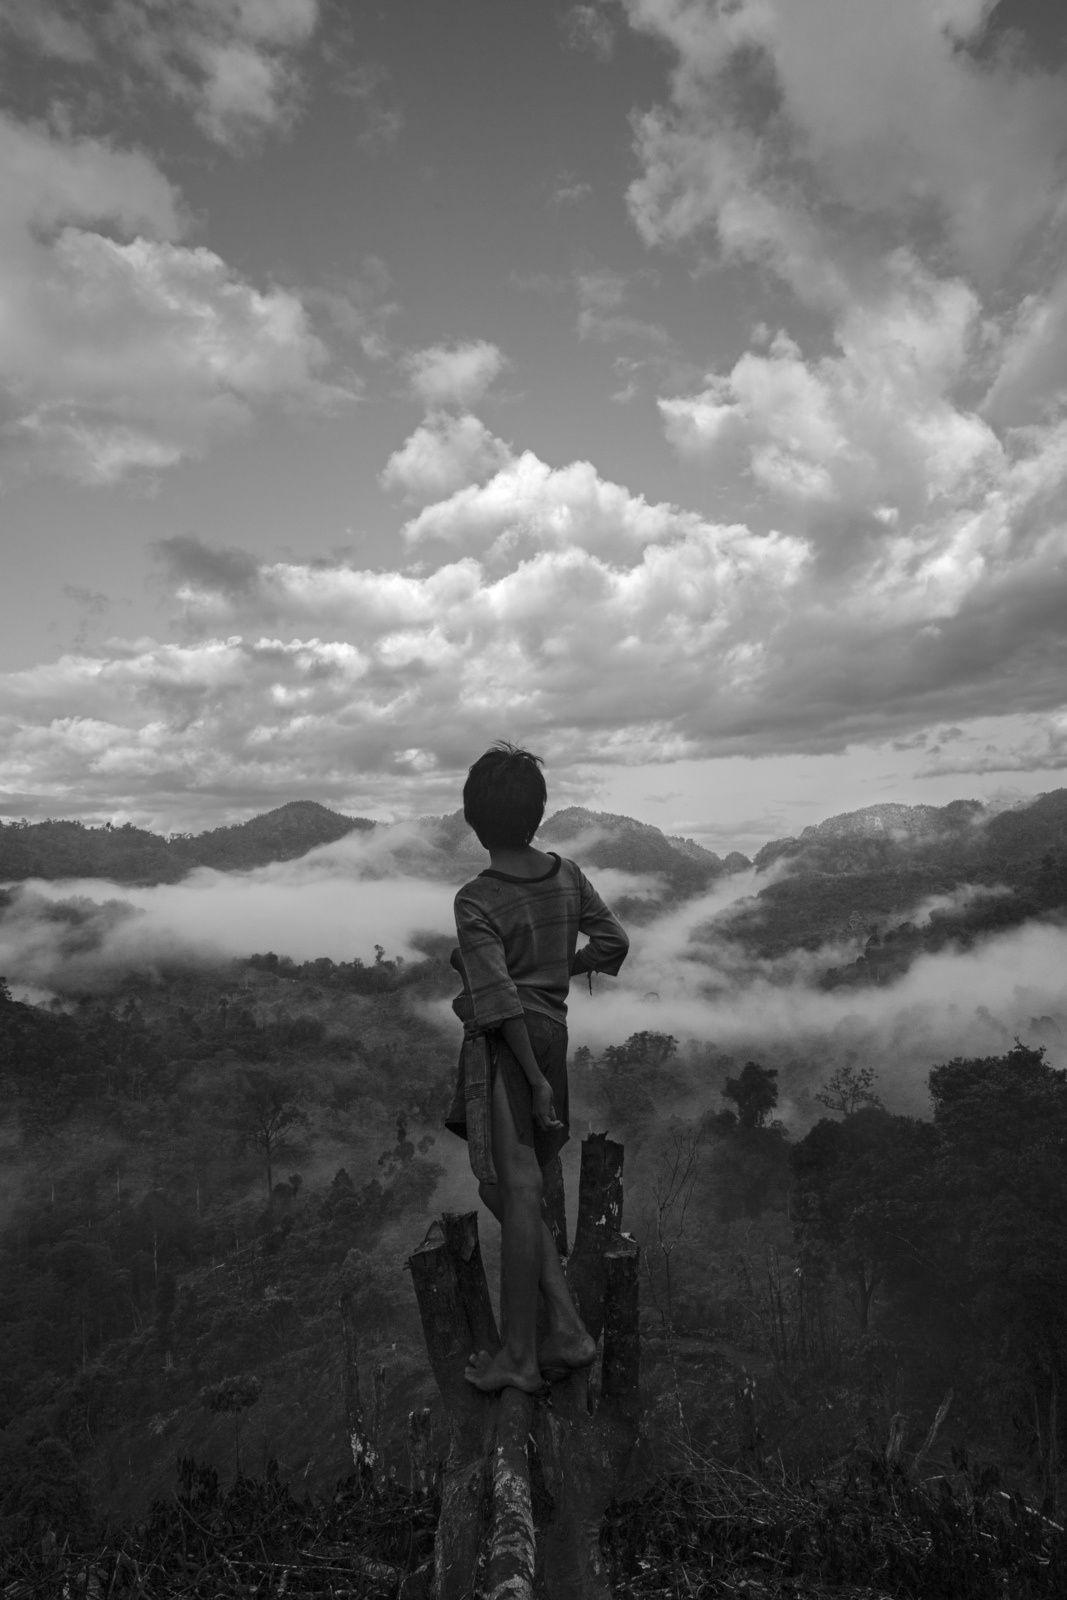 exposition photo Pierre de Vallombreuse - Musée de l'homme - Peuple Palawan